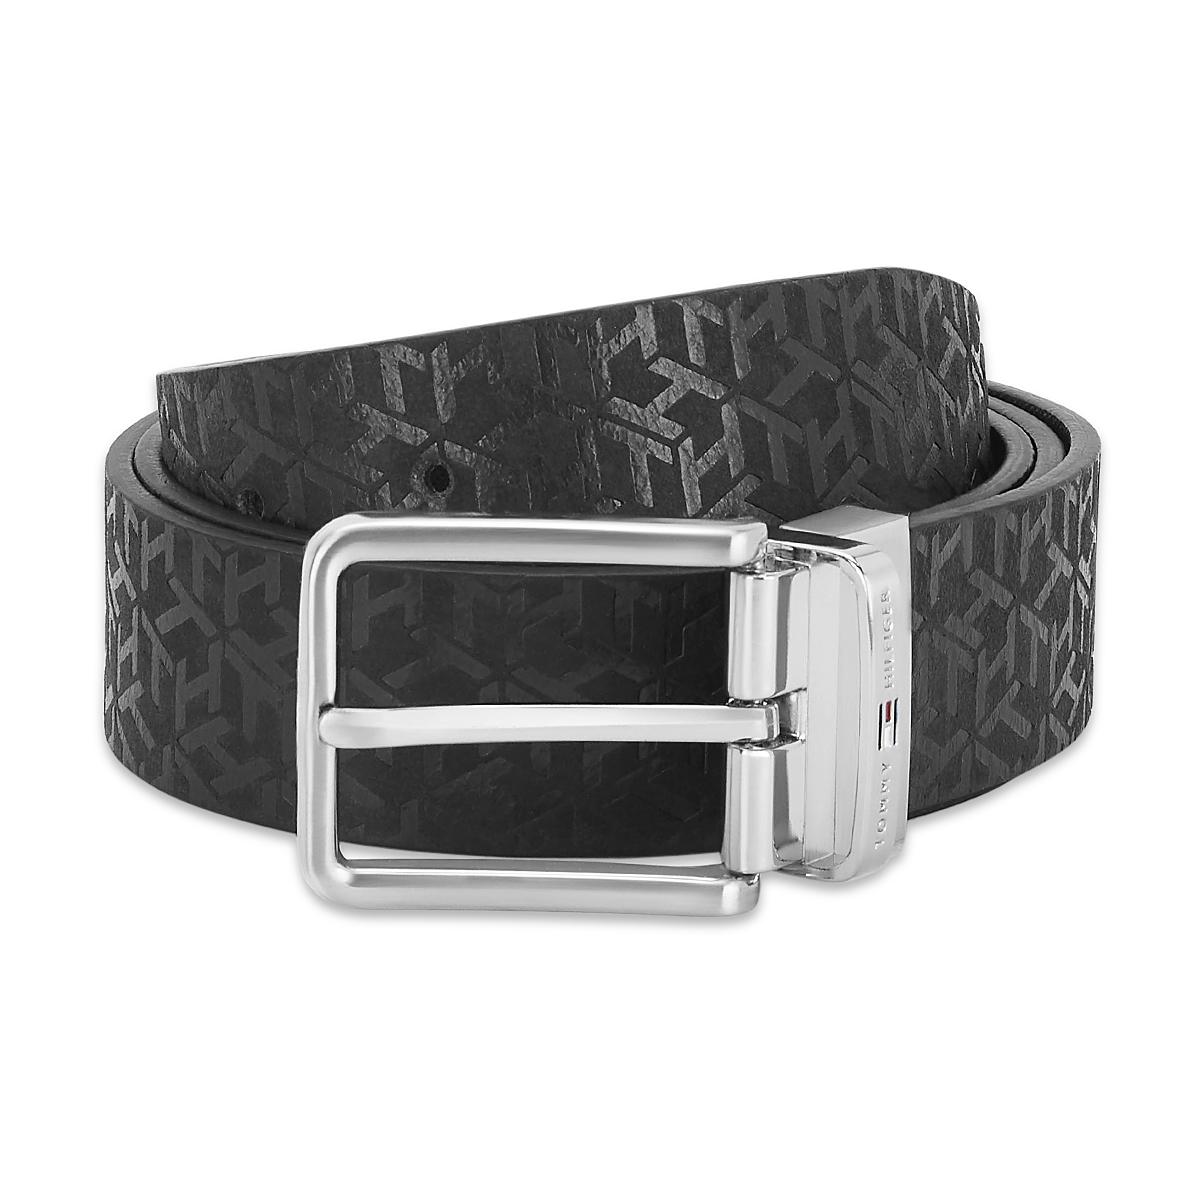 Tommy Hilfiger Leather Mens Solid Black/Black Desert Reversible Belt